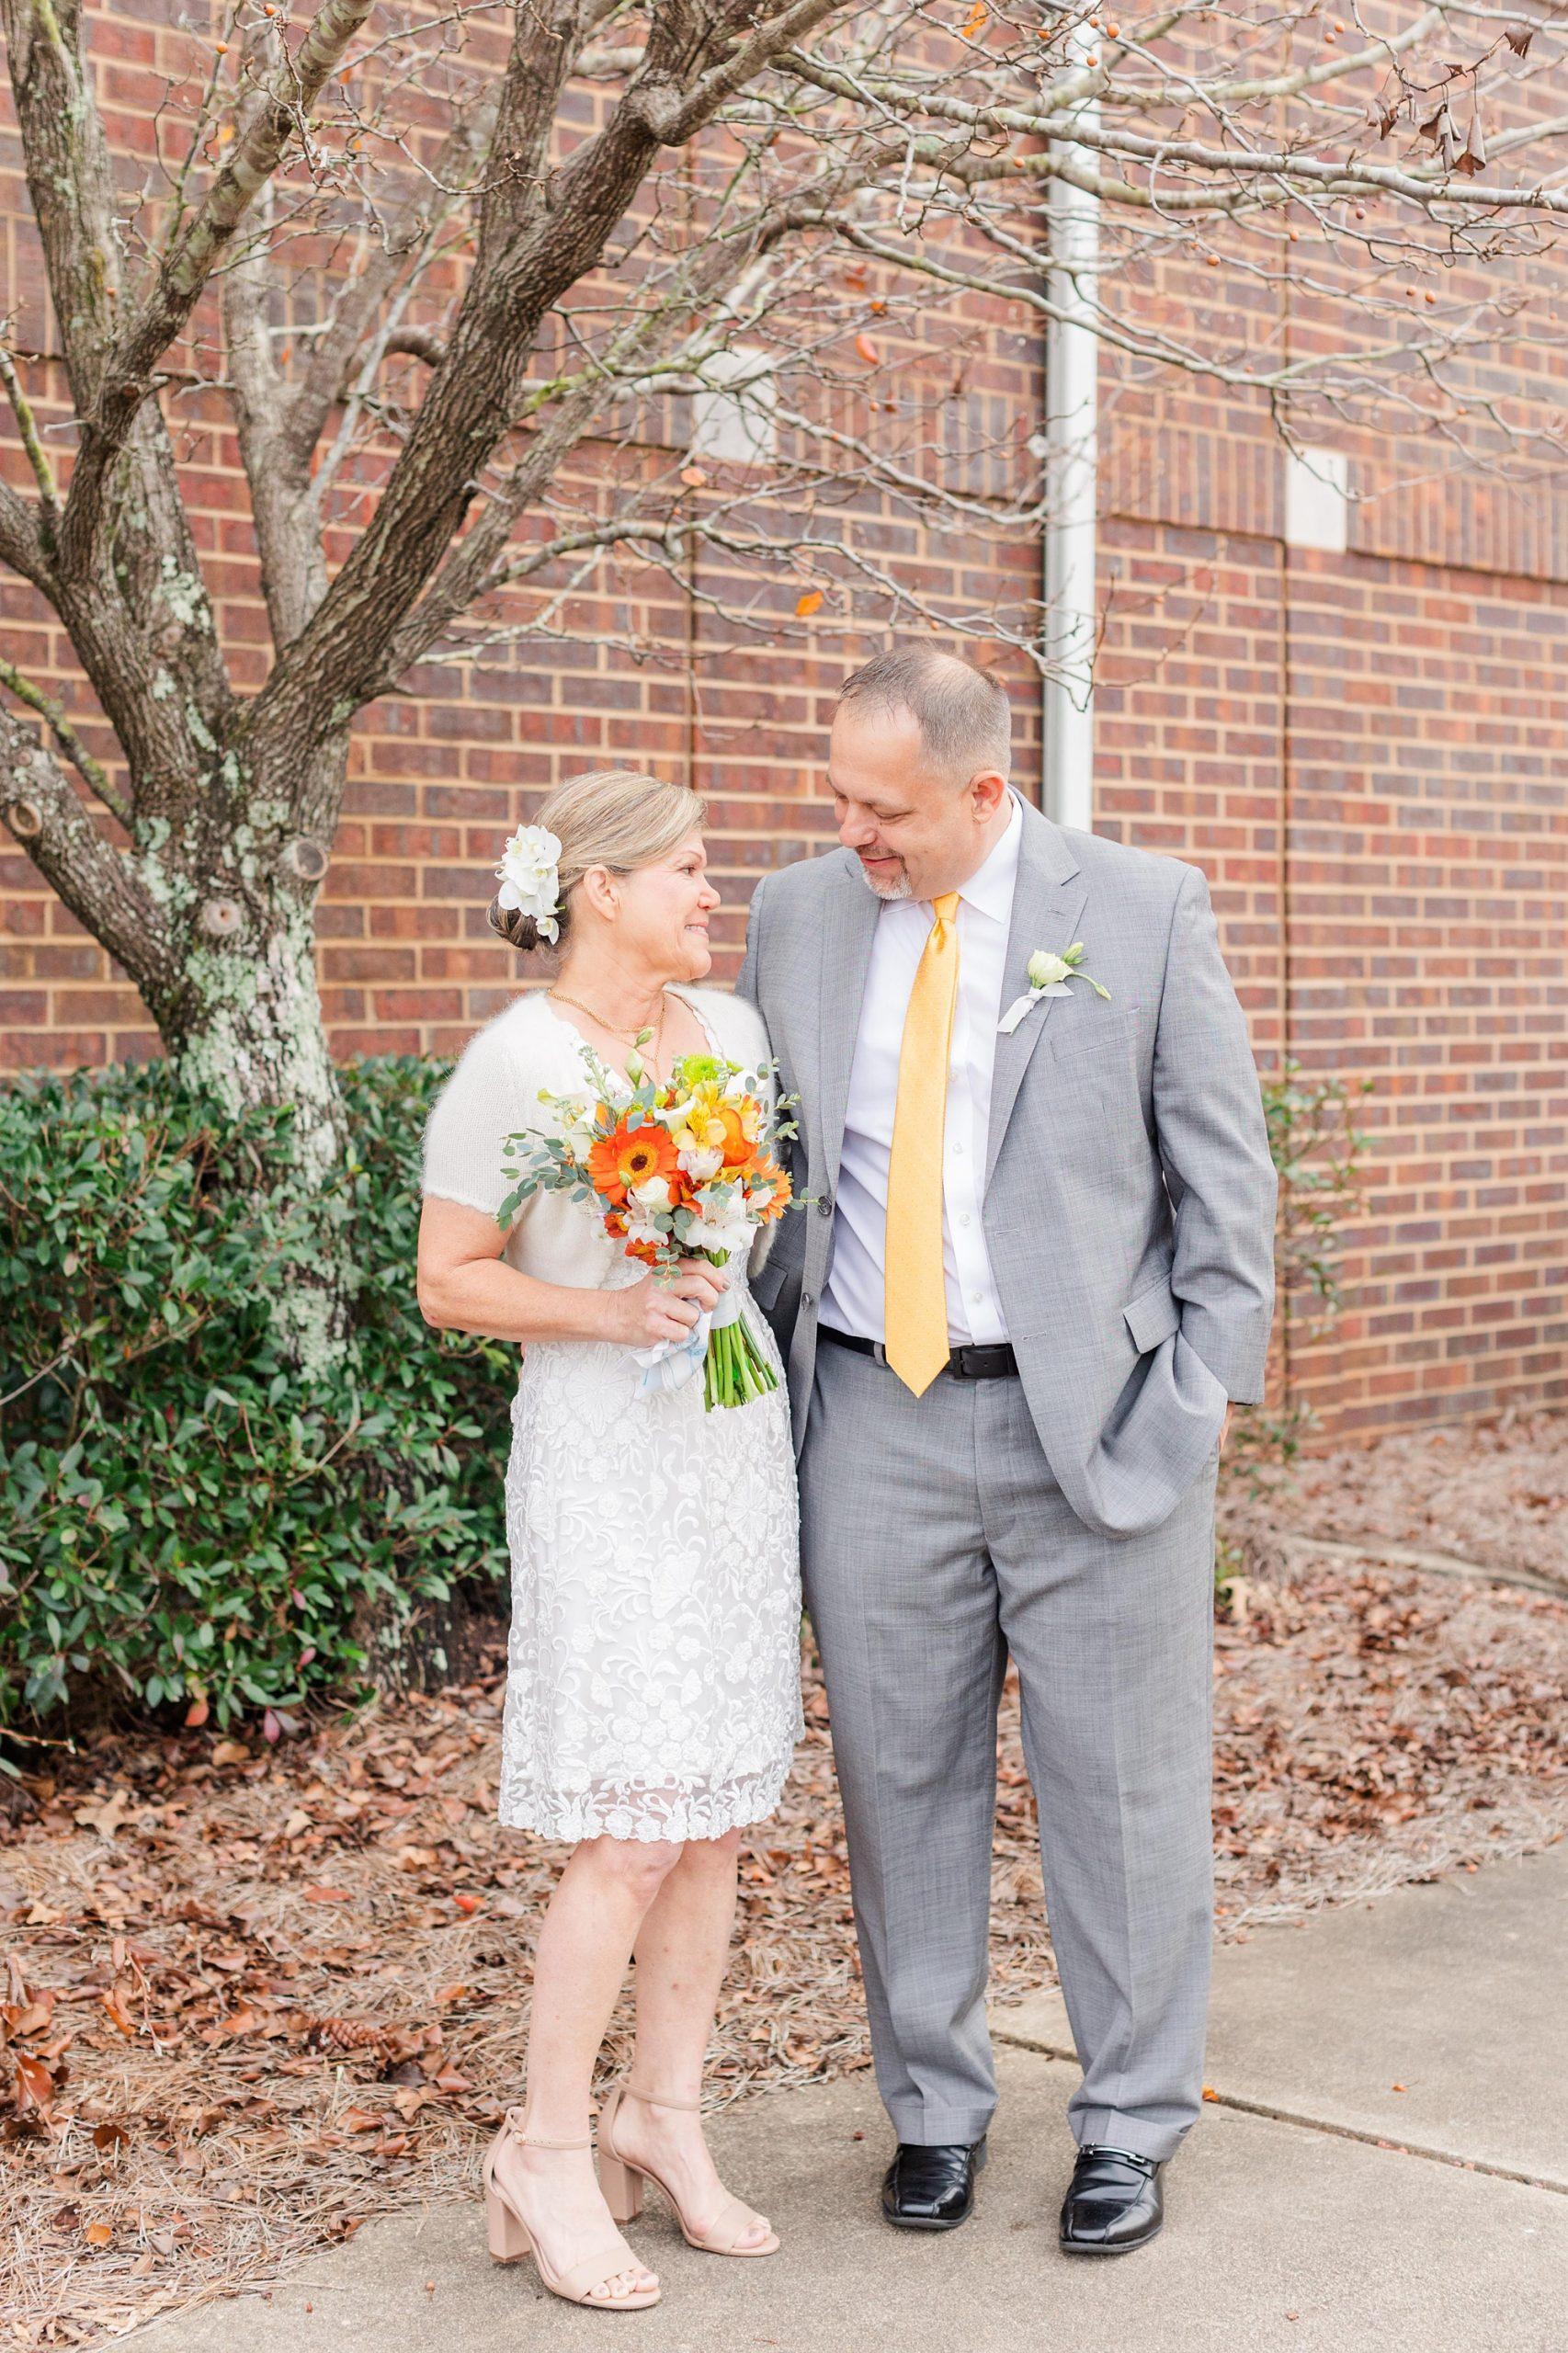 bride and groom pose together on sidewalk in Mobile AL